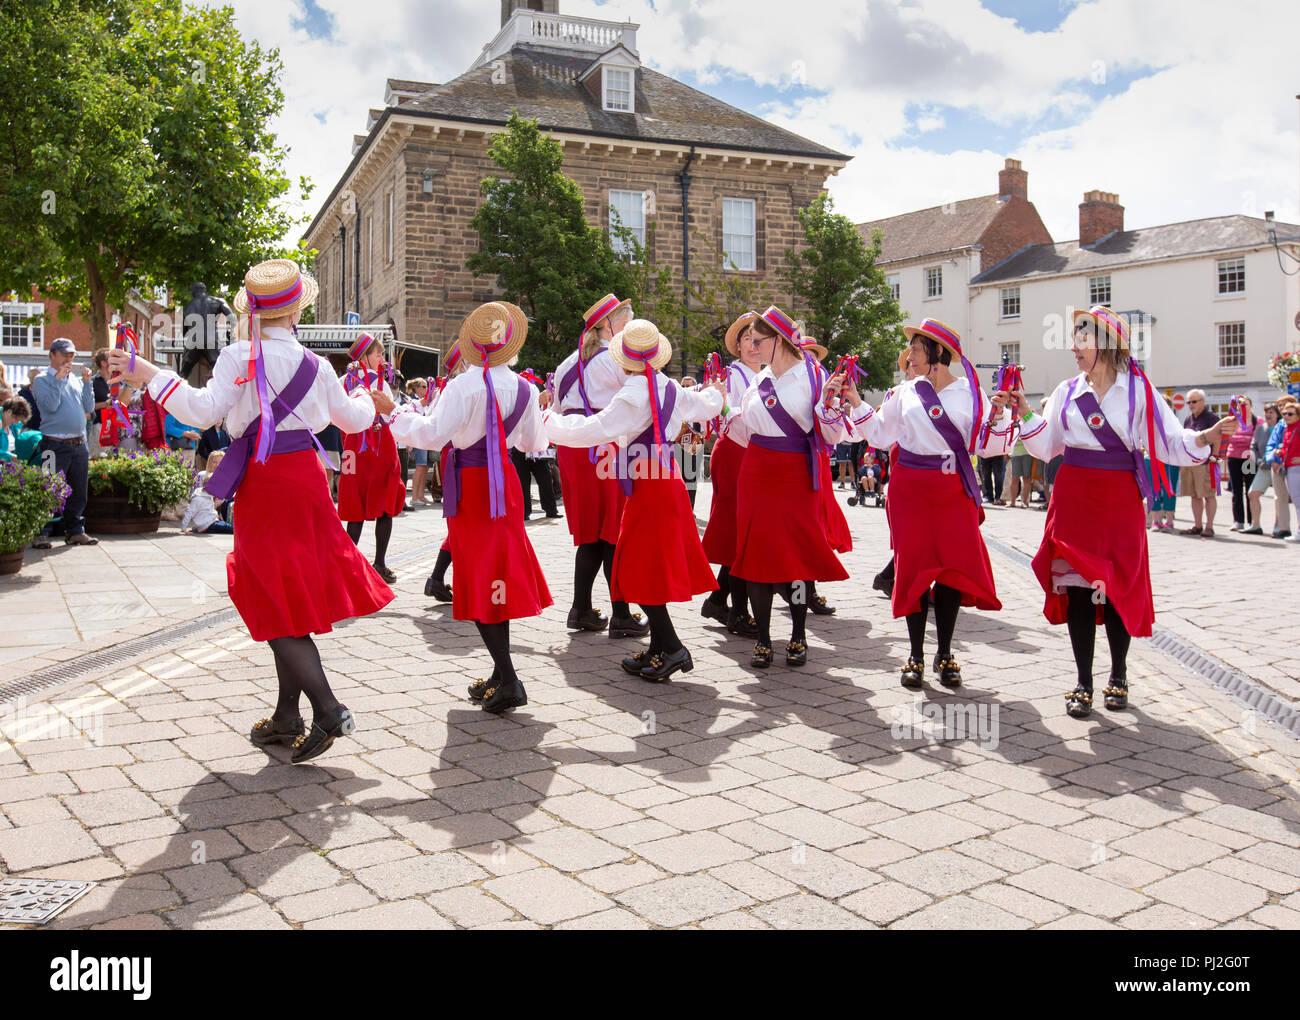 Il Warwick Folk Festival. Il Rivington Morris donna a nord-ovest di Team Dancing in the Warwick Folk Festival. Foto Stock